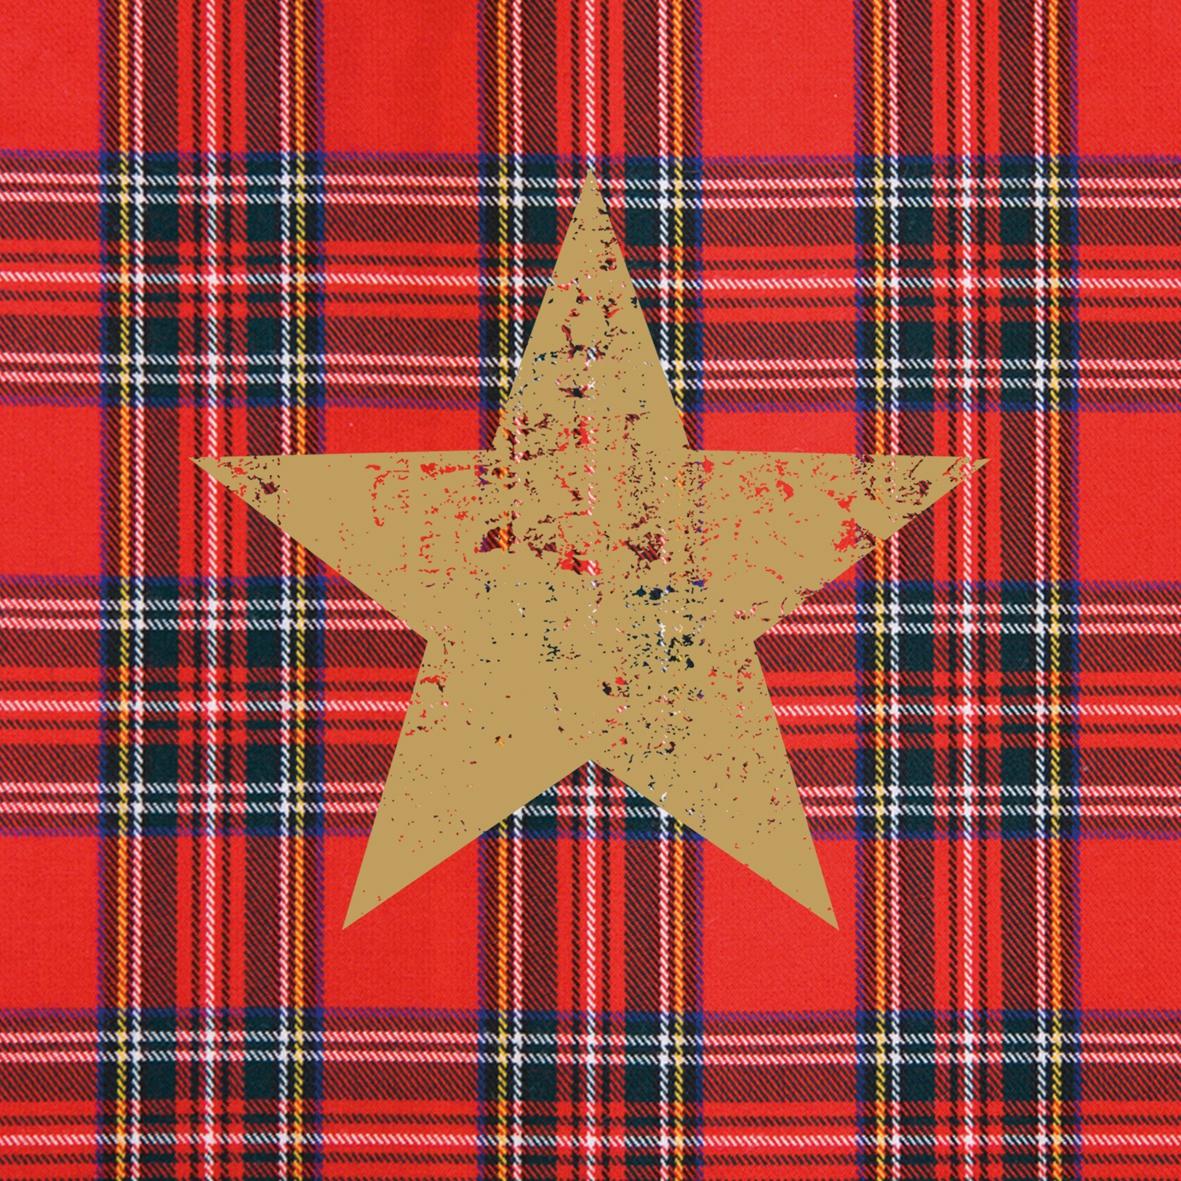 Cocktail Servietten Tartan Star red,  Sonstiges - Muster,  Weihnachten - Sterne,  Weihnachten,  cocktail servietten,  Karos,  Sterne